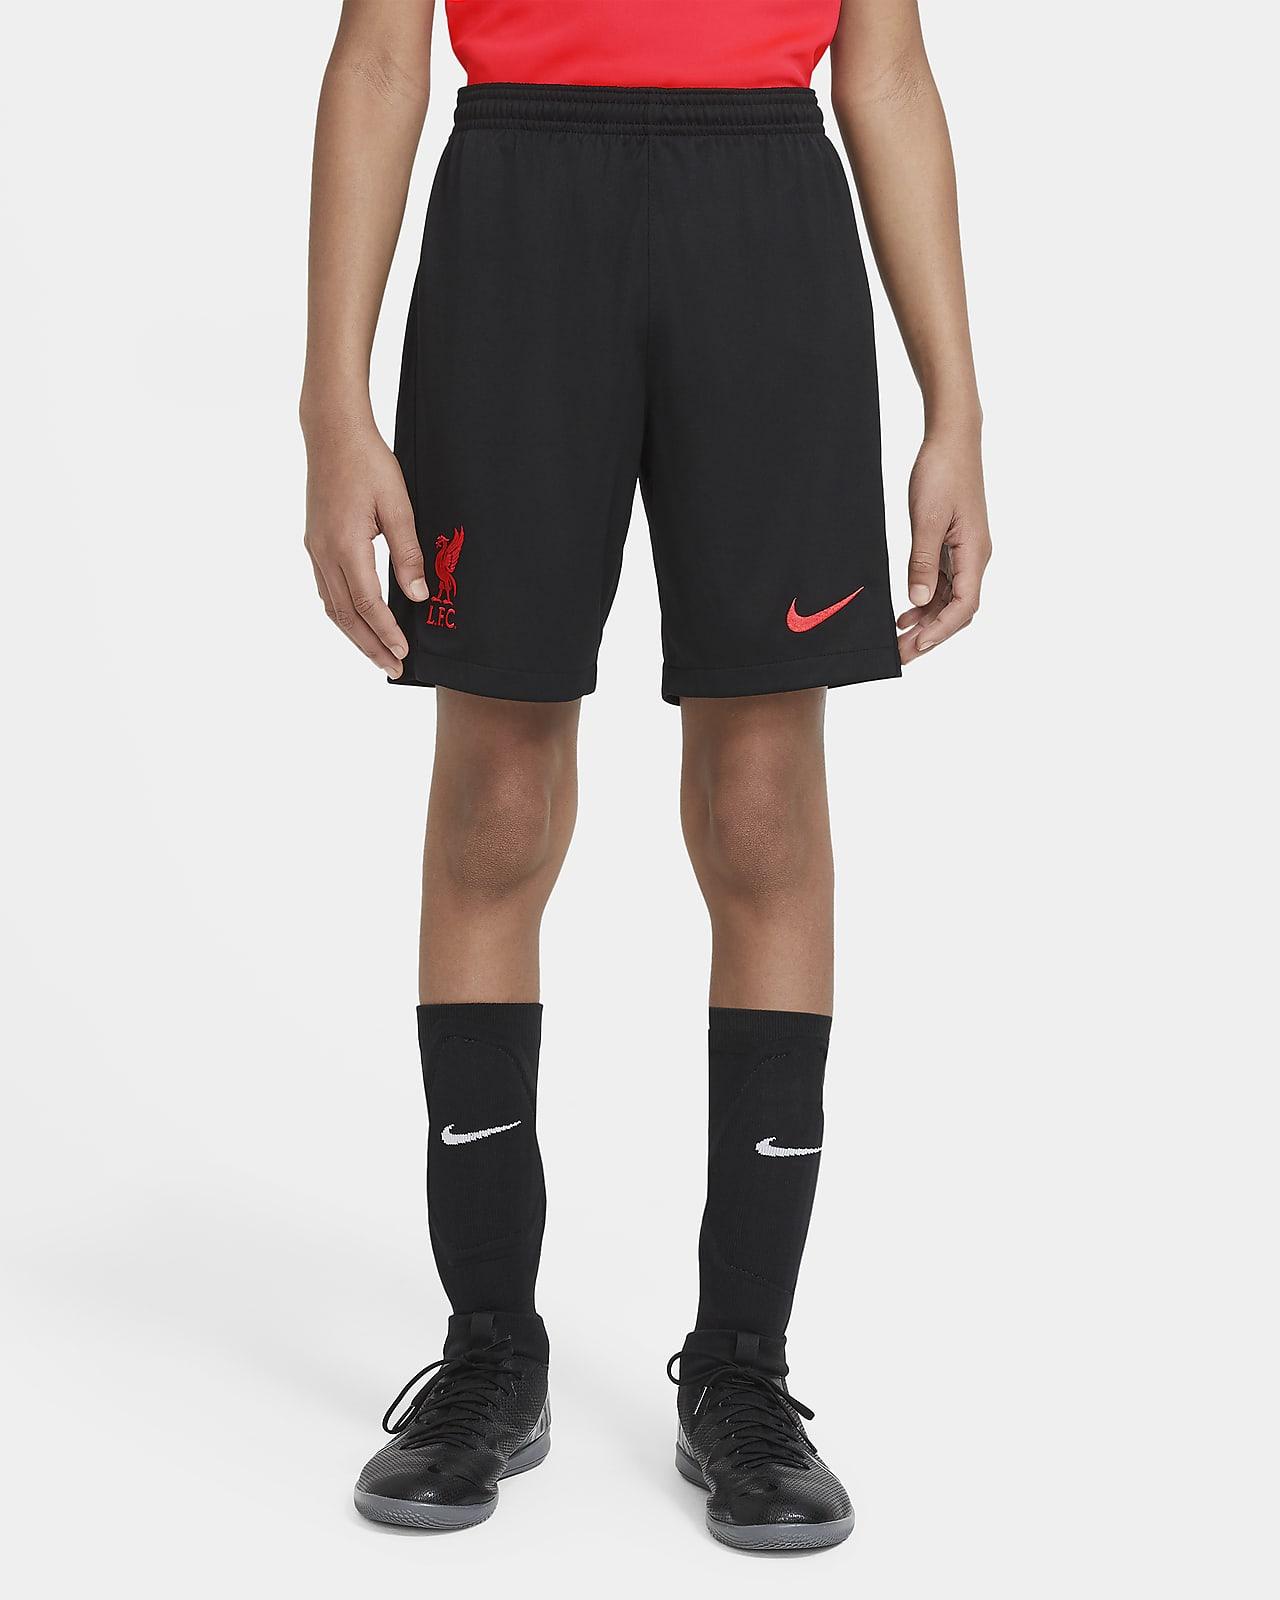 Футбольные шорты для школьников из третьего комплекта ФК «Ливерпуль» 2020/21 Stadium